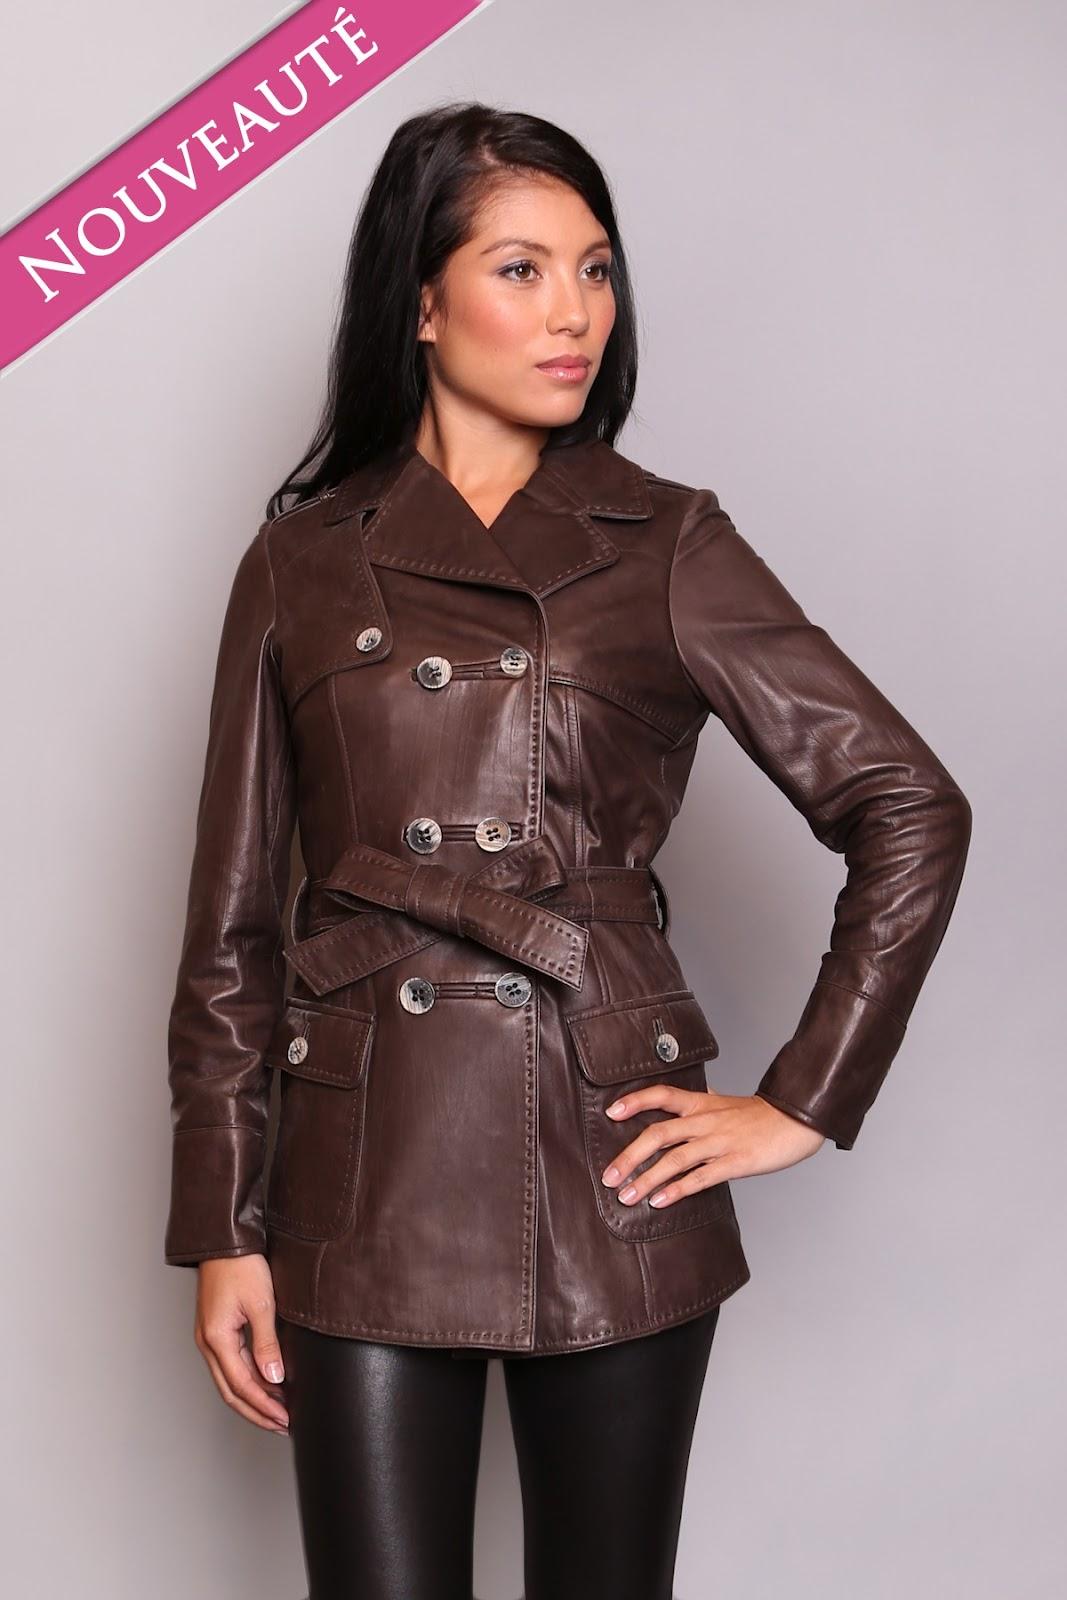 Unique jackets for women